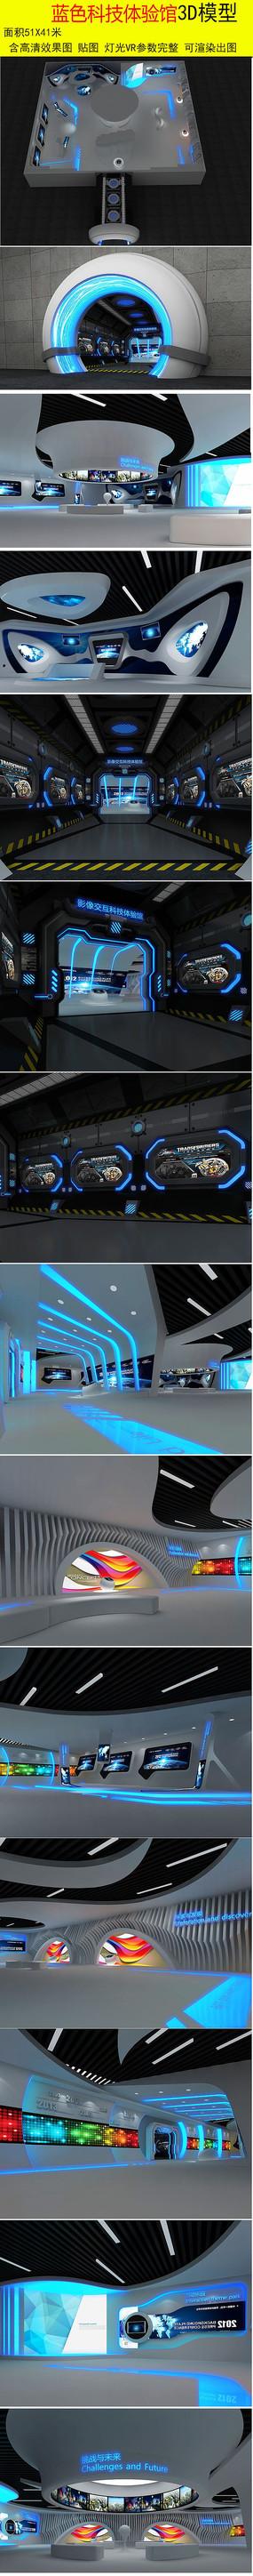 蓝色科技体验馆3d模型